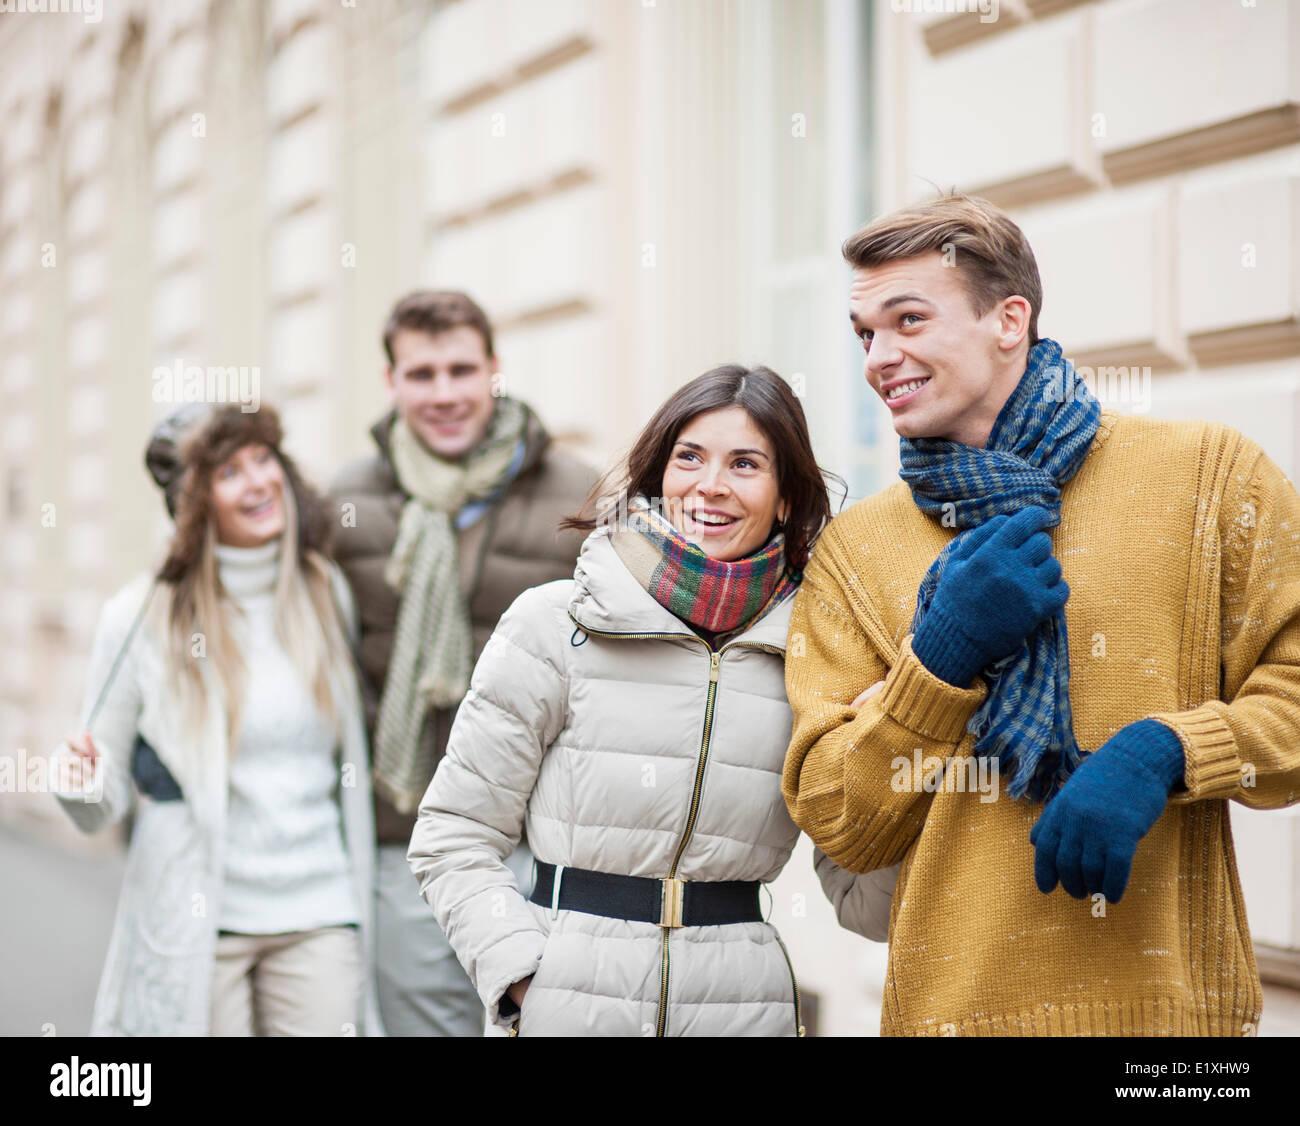 Glückliche junge Paare in warme Kleidung Urlaub genießen Stockbild